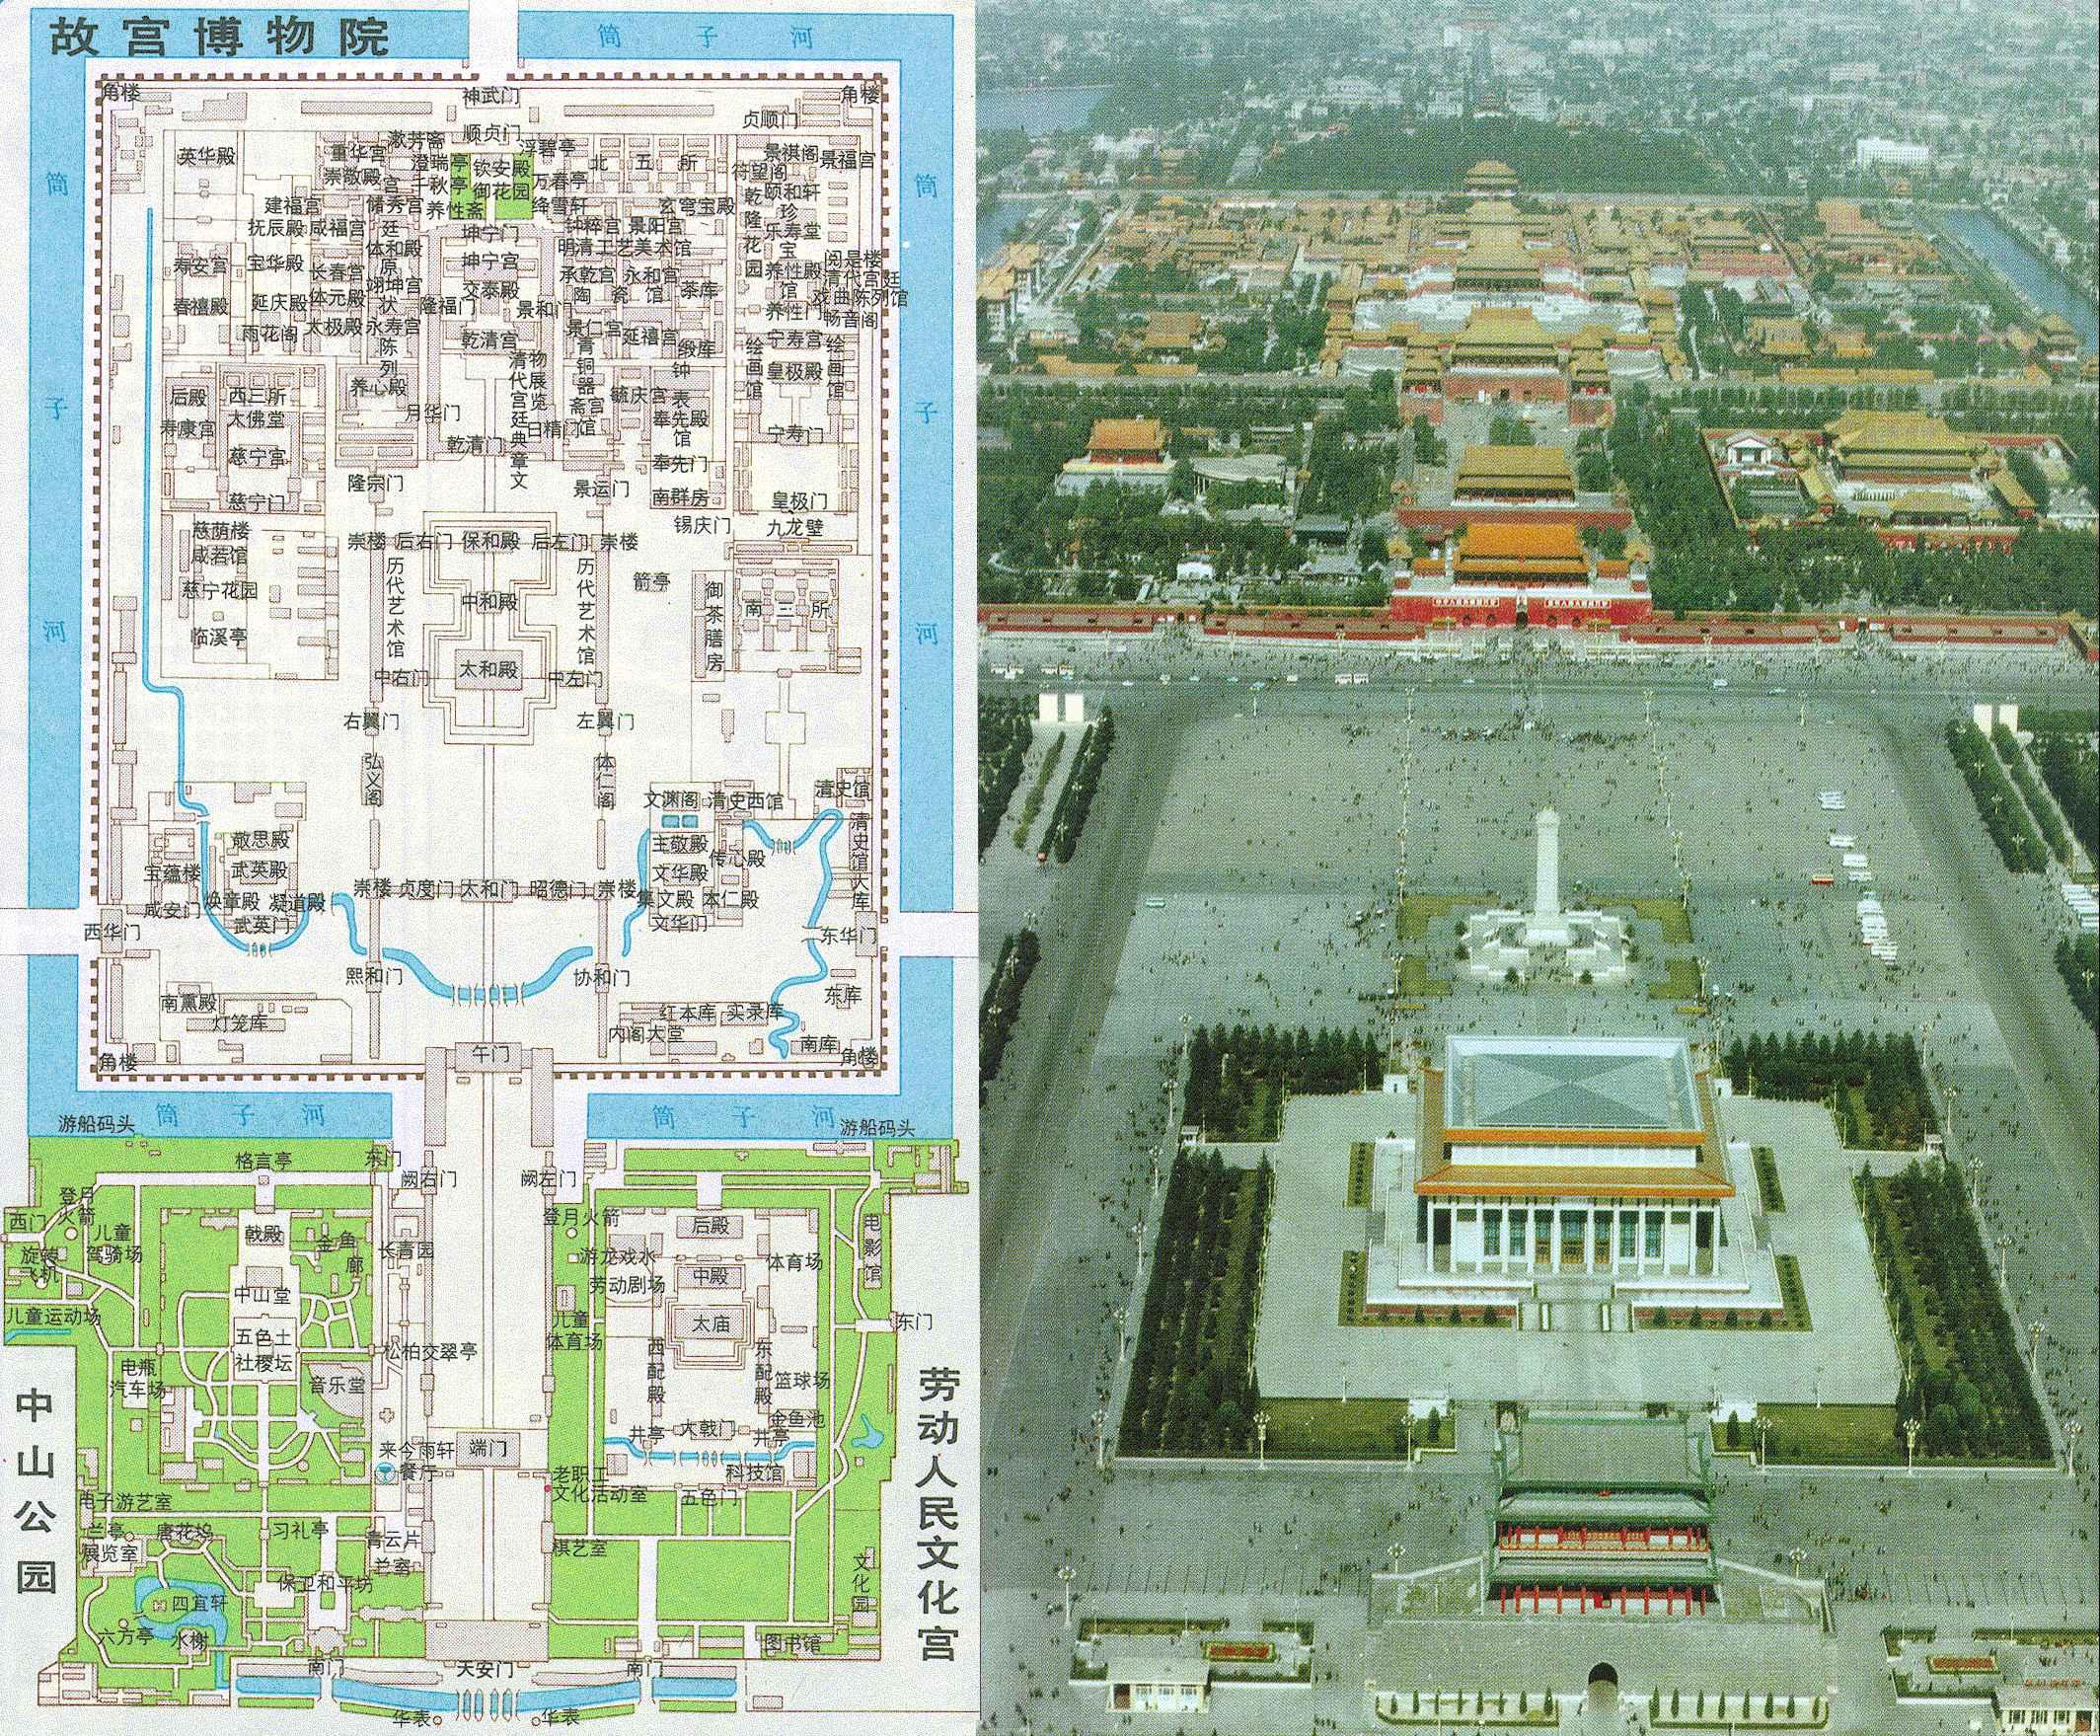 北京故宫旅游地图+平面图_北京地图查询